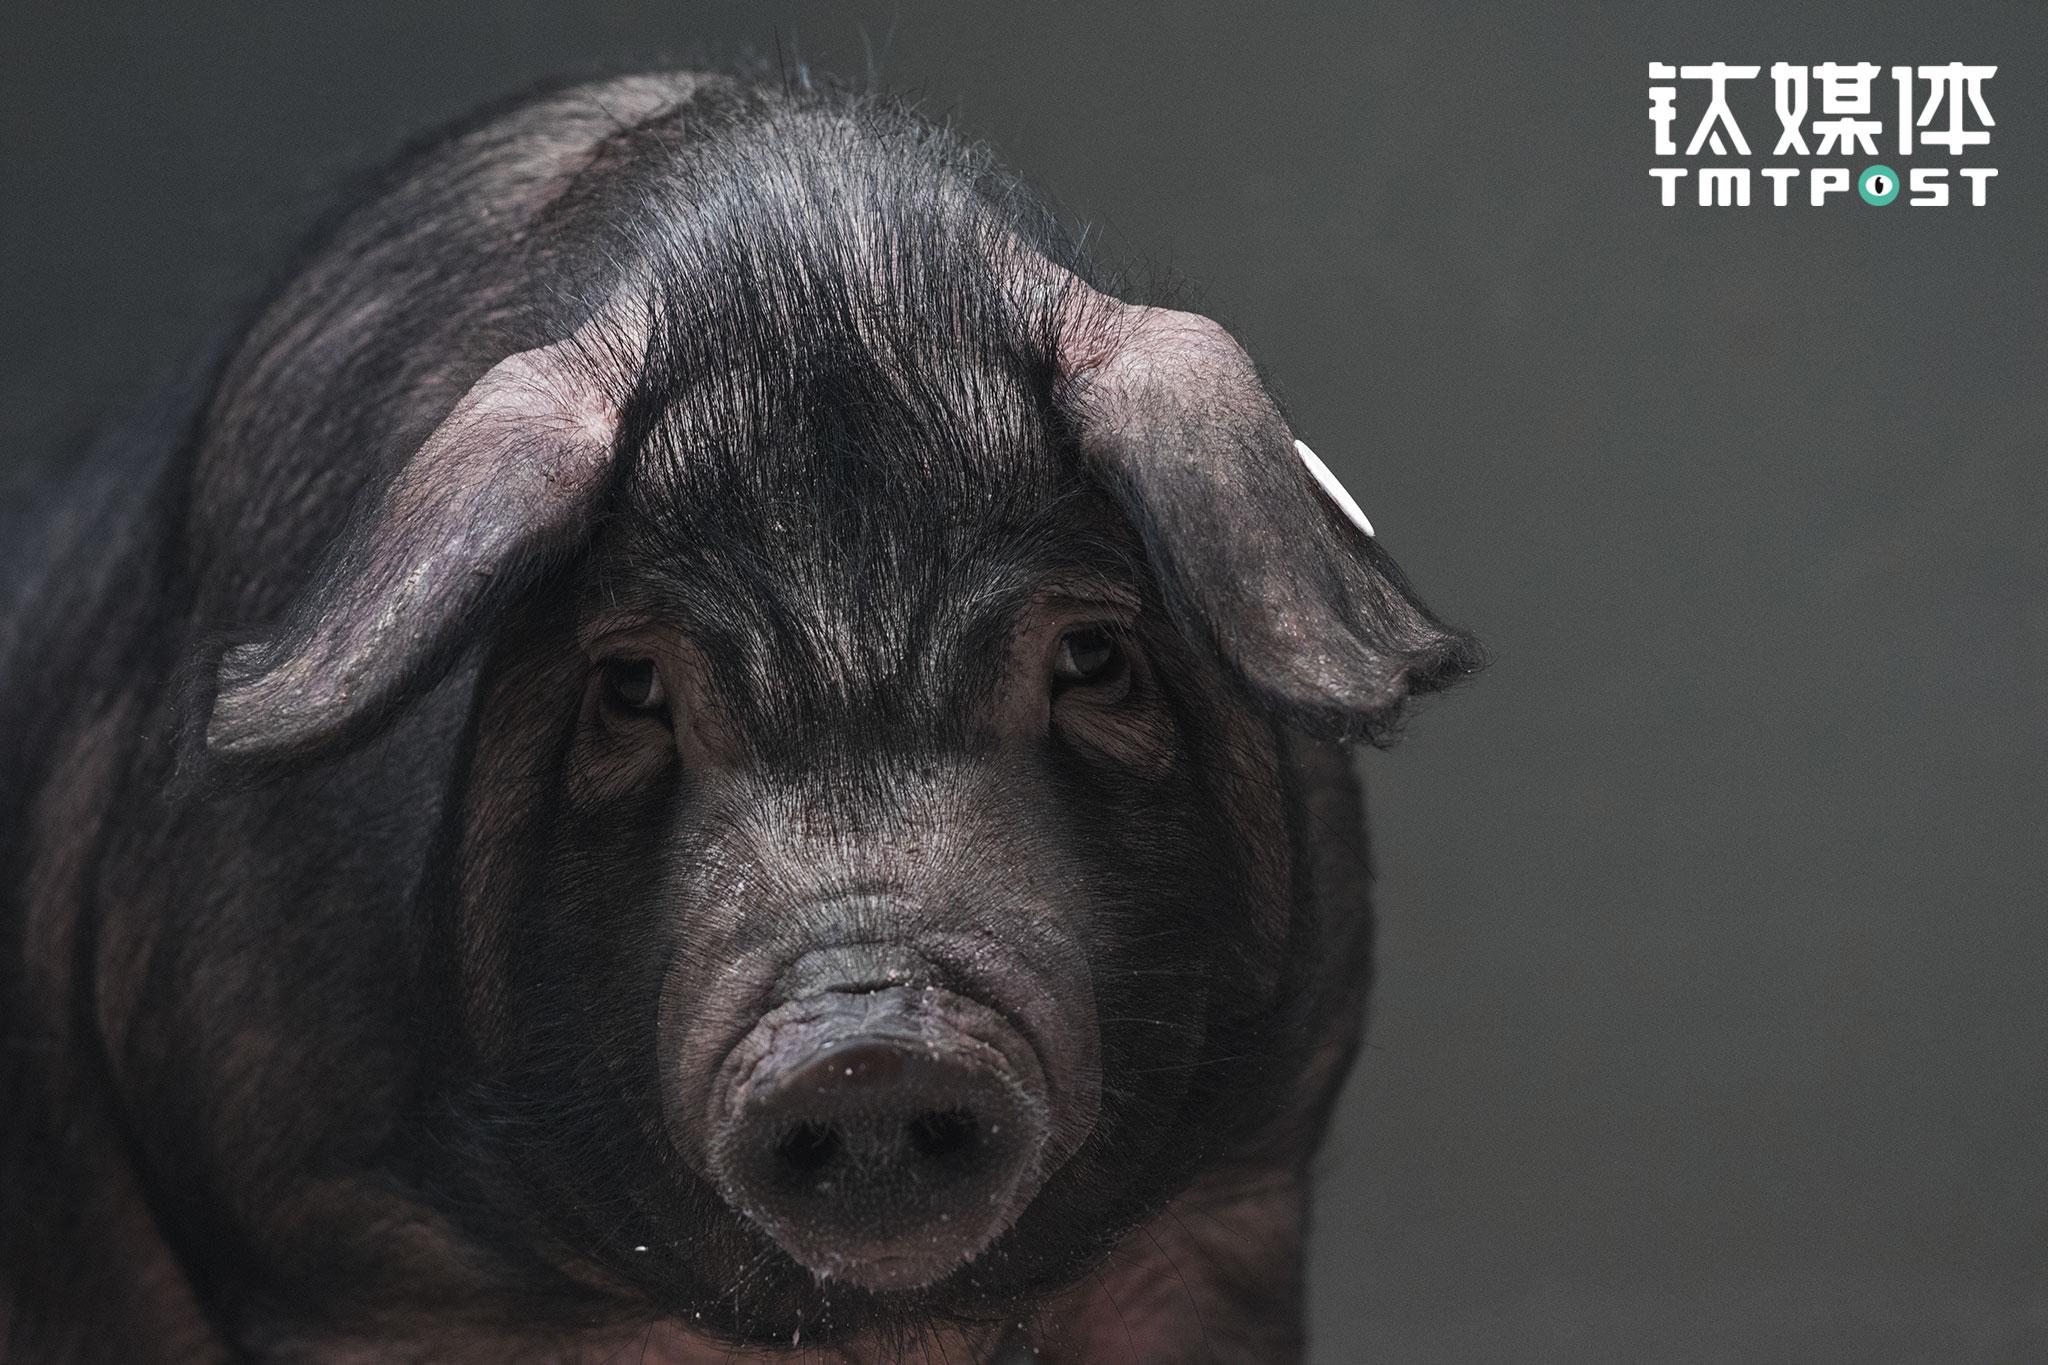 On March 26th 2017 at Jishanxiang, Anji country, Zhejiang province. A black pig at NetEase Weiyang Modern Agricultural Park.